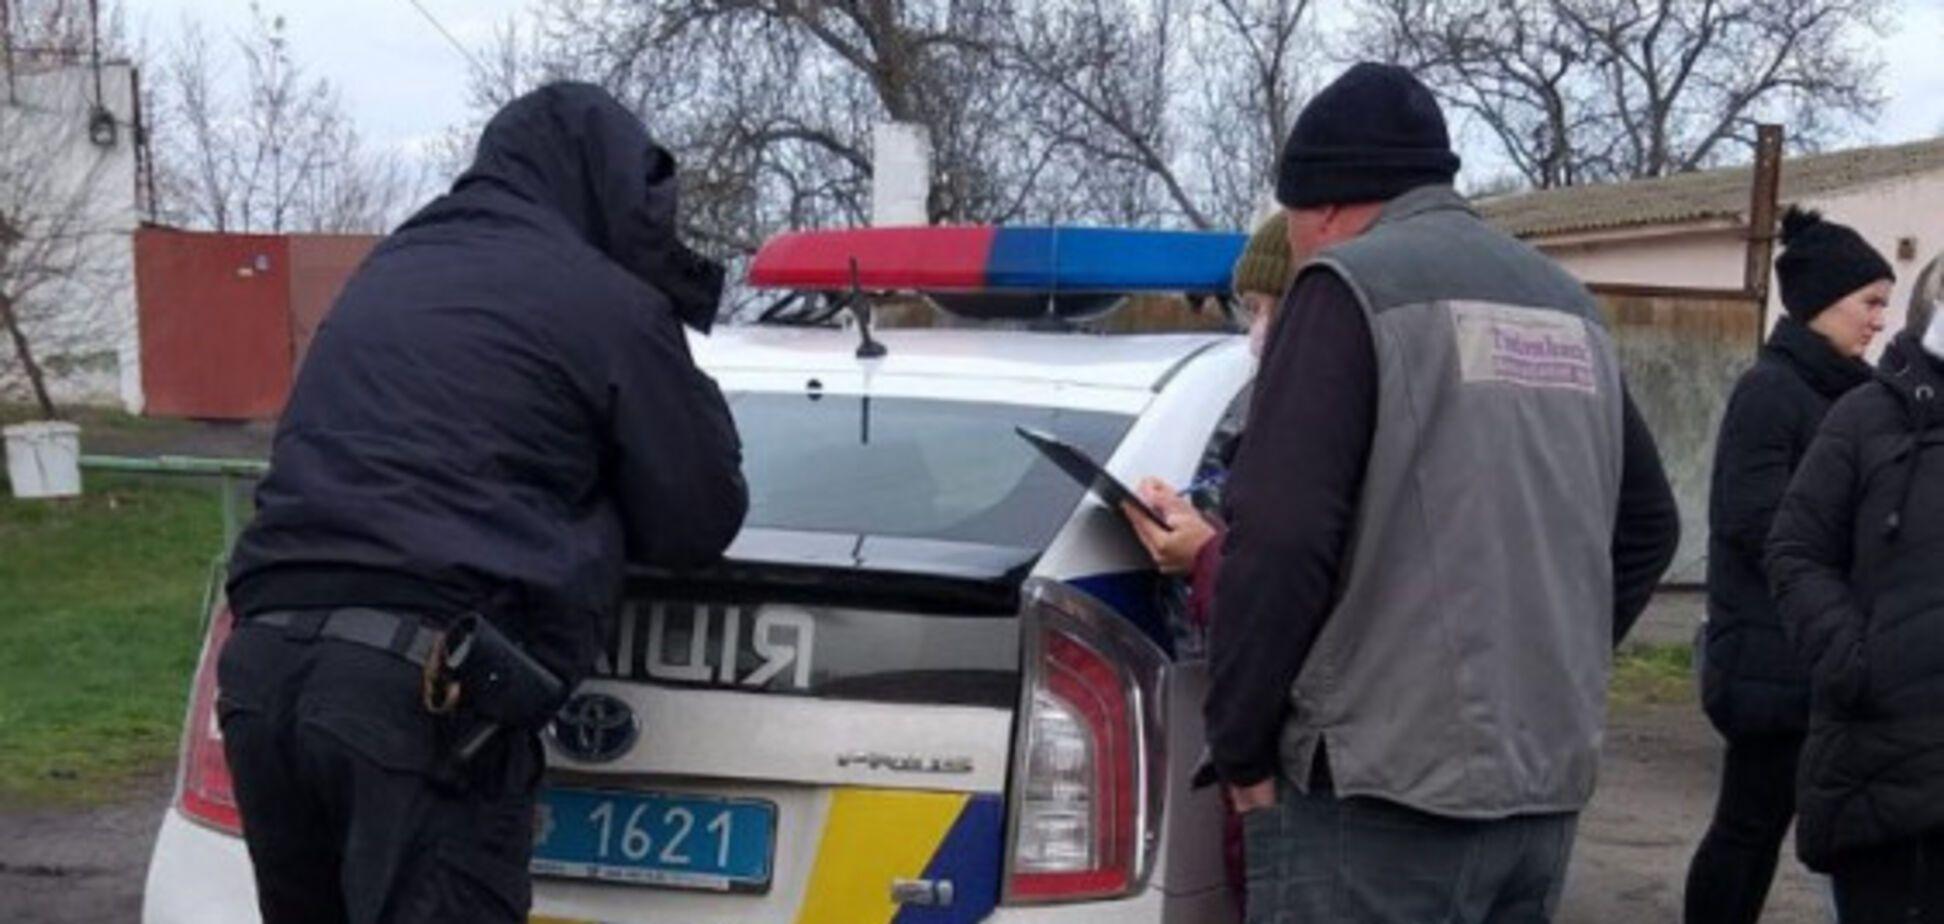 Бывшие заключенные с туберкулезом терроризируют жителей одного из районов Одессы